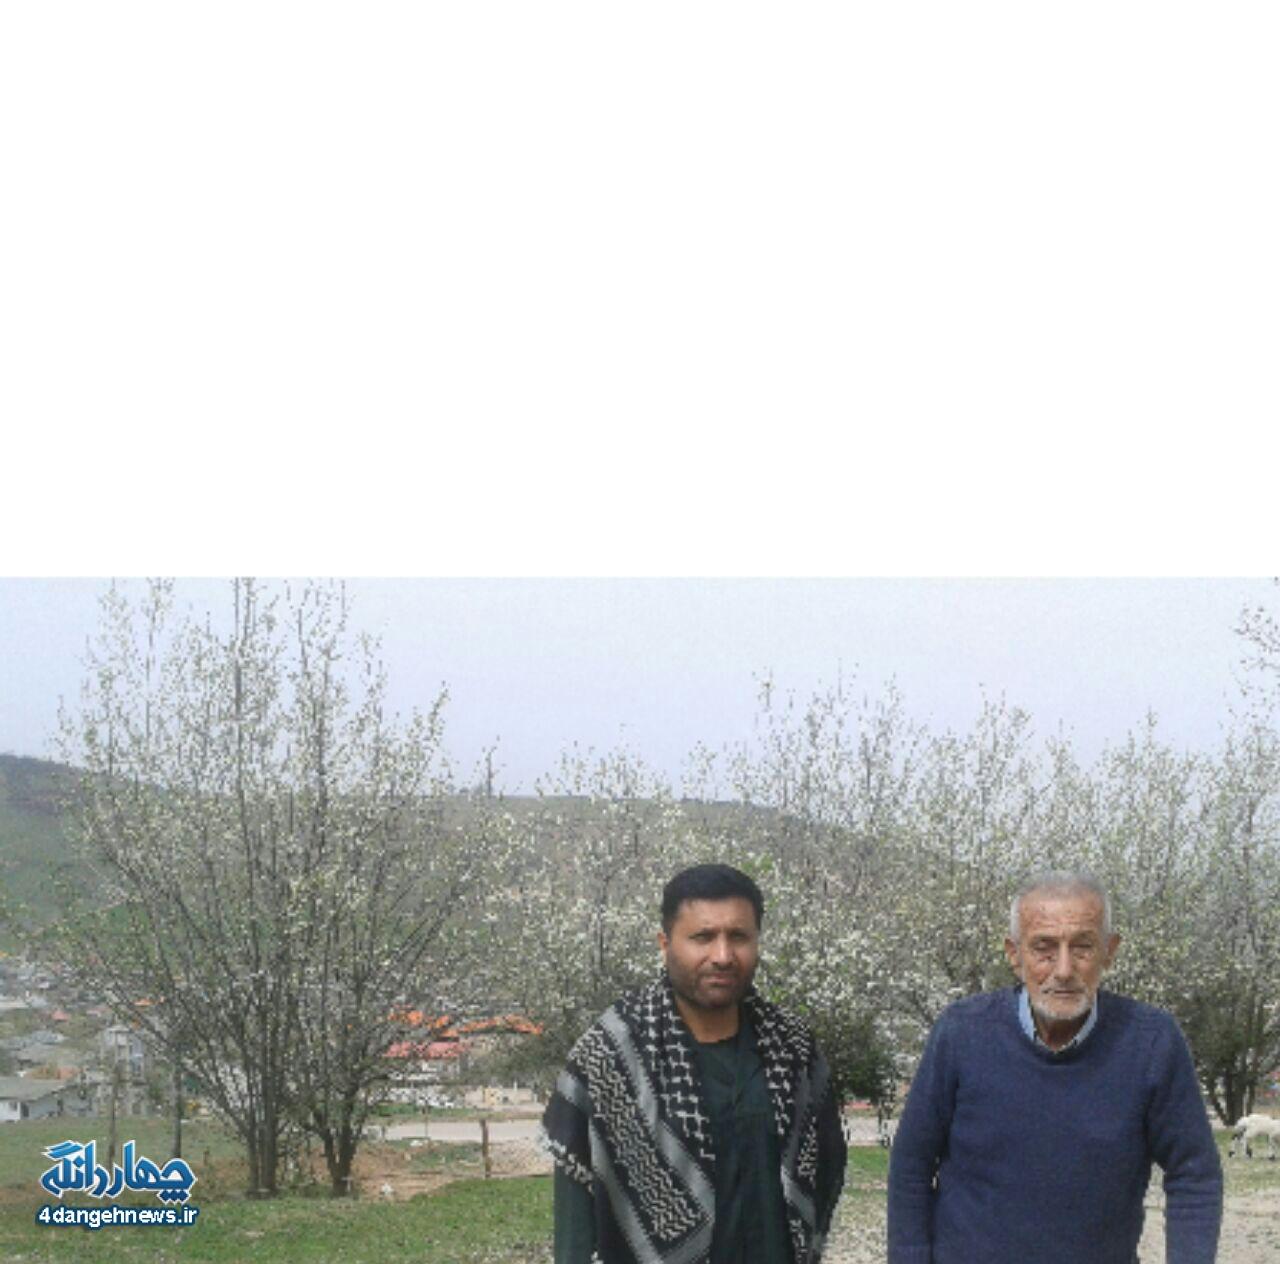 دیدار نوروزی فرمانده سپاه چهاردانگه با خانواده معظم شهدا